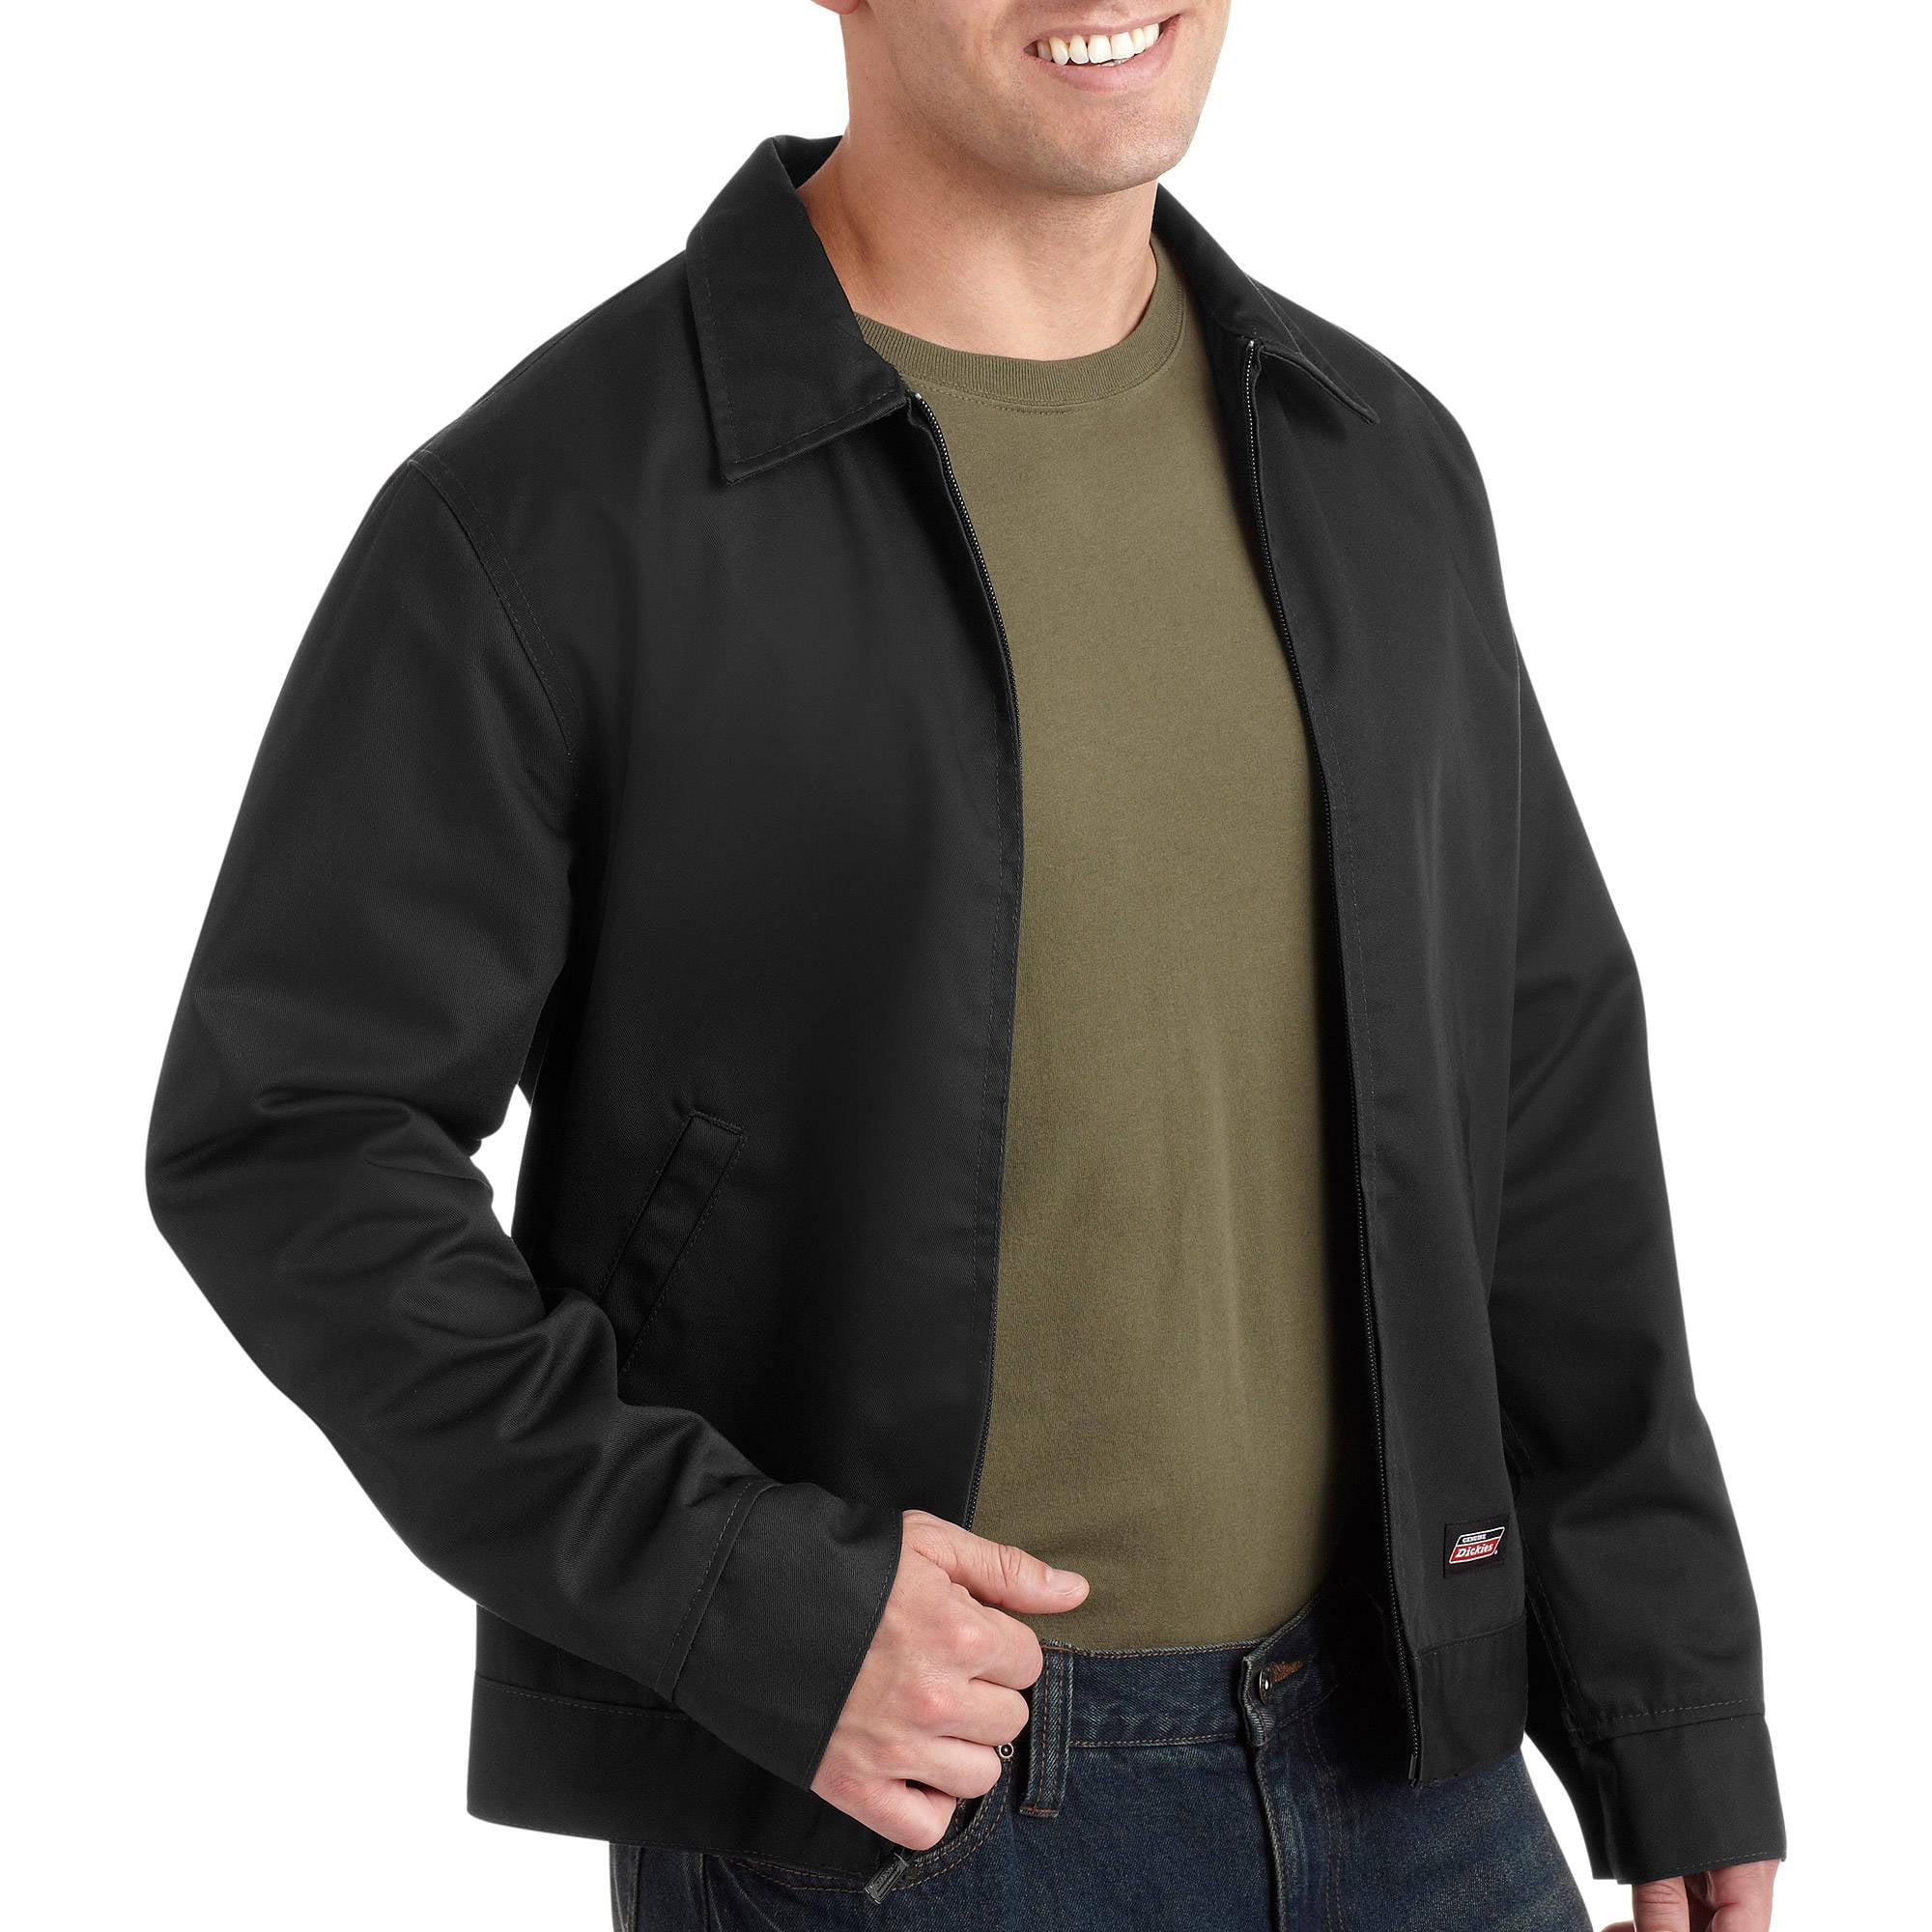 Genuine Dickies Men's Lined Service Jacket